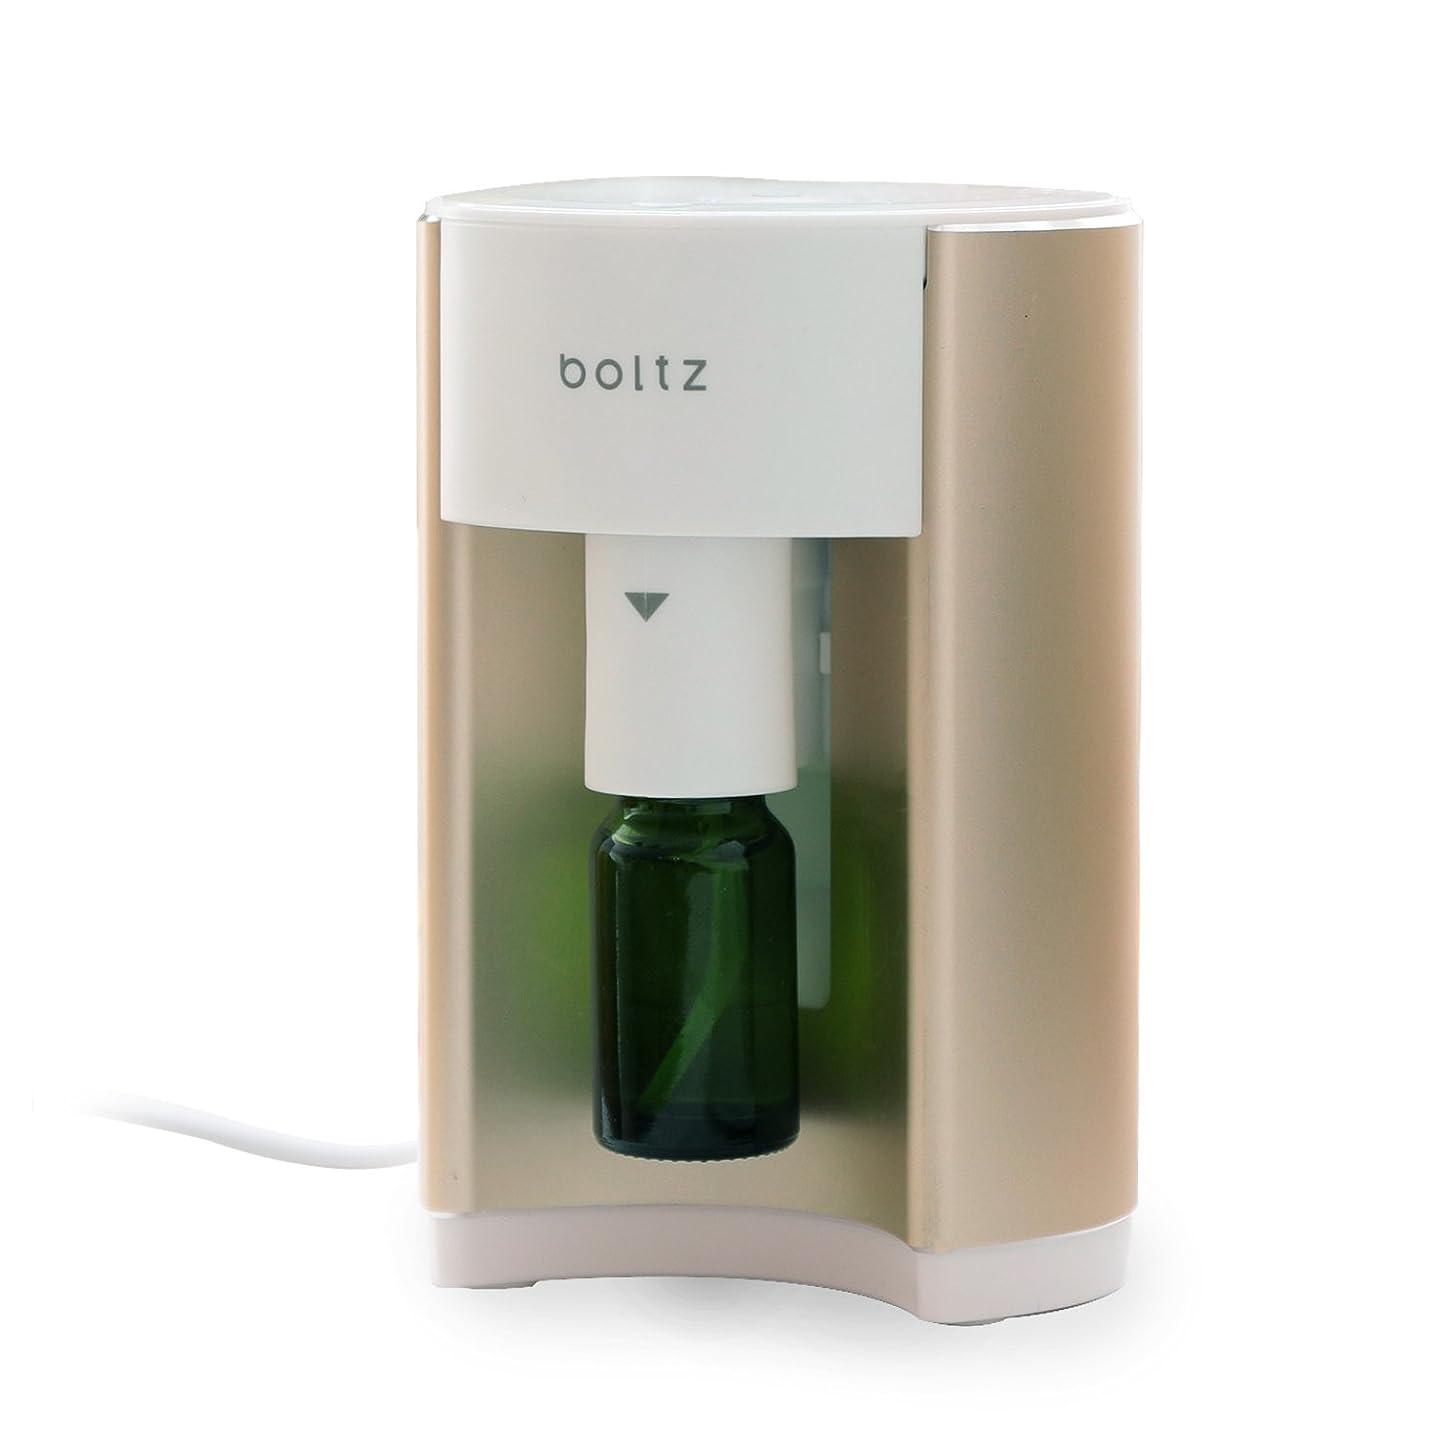 物語資源靴下アロマディフューザー ルームフレグランス boltz ボトルを直接セット 専用ボトル付 タイマー付き USB コンセント付き アロマ ディフューザー コンパクト ゴールド